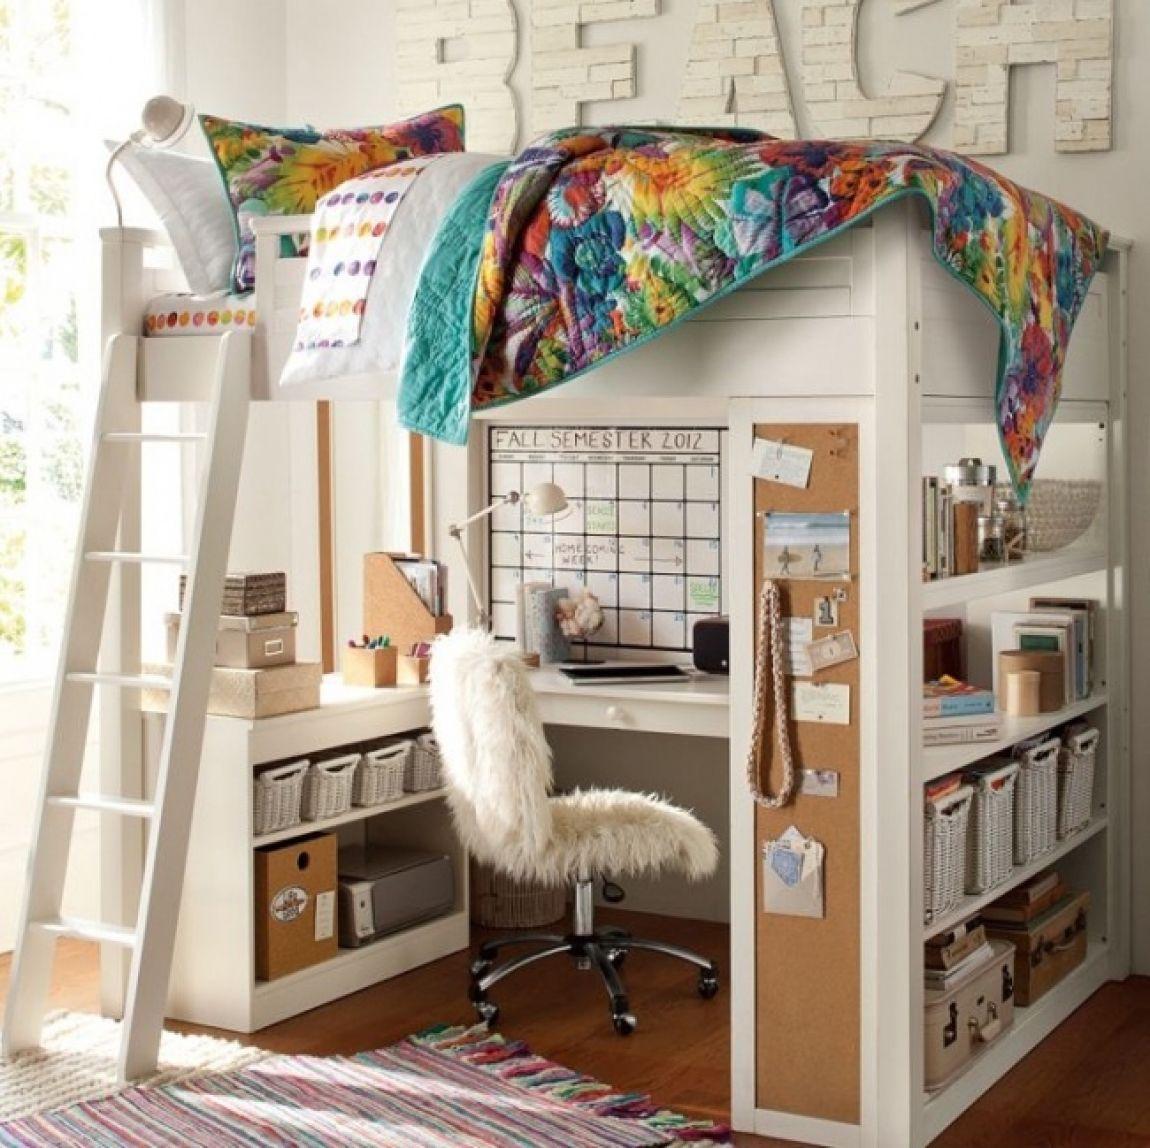 Soluzioni Camere Da Letto Piccole come arredare le stanze piccole: qualche trucco intelligente